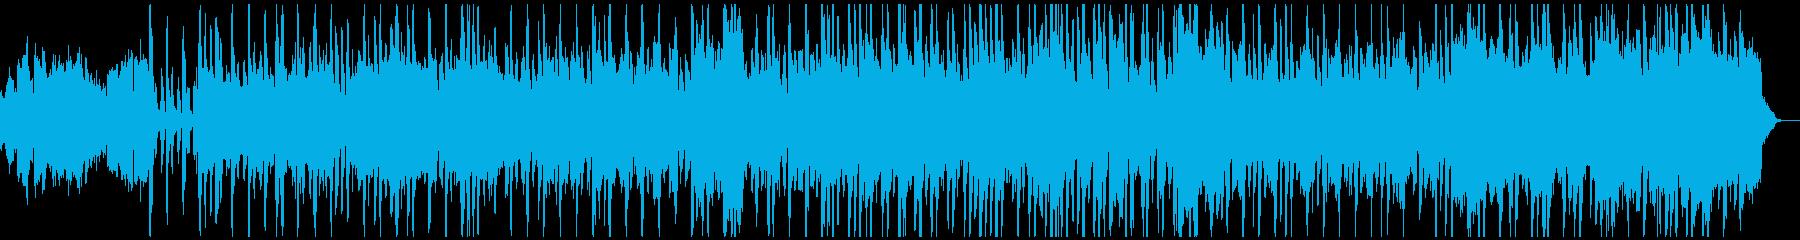 アコーディオンとフルートの朗らかなBGMの再生済みの波形